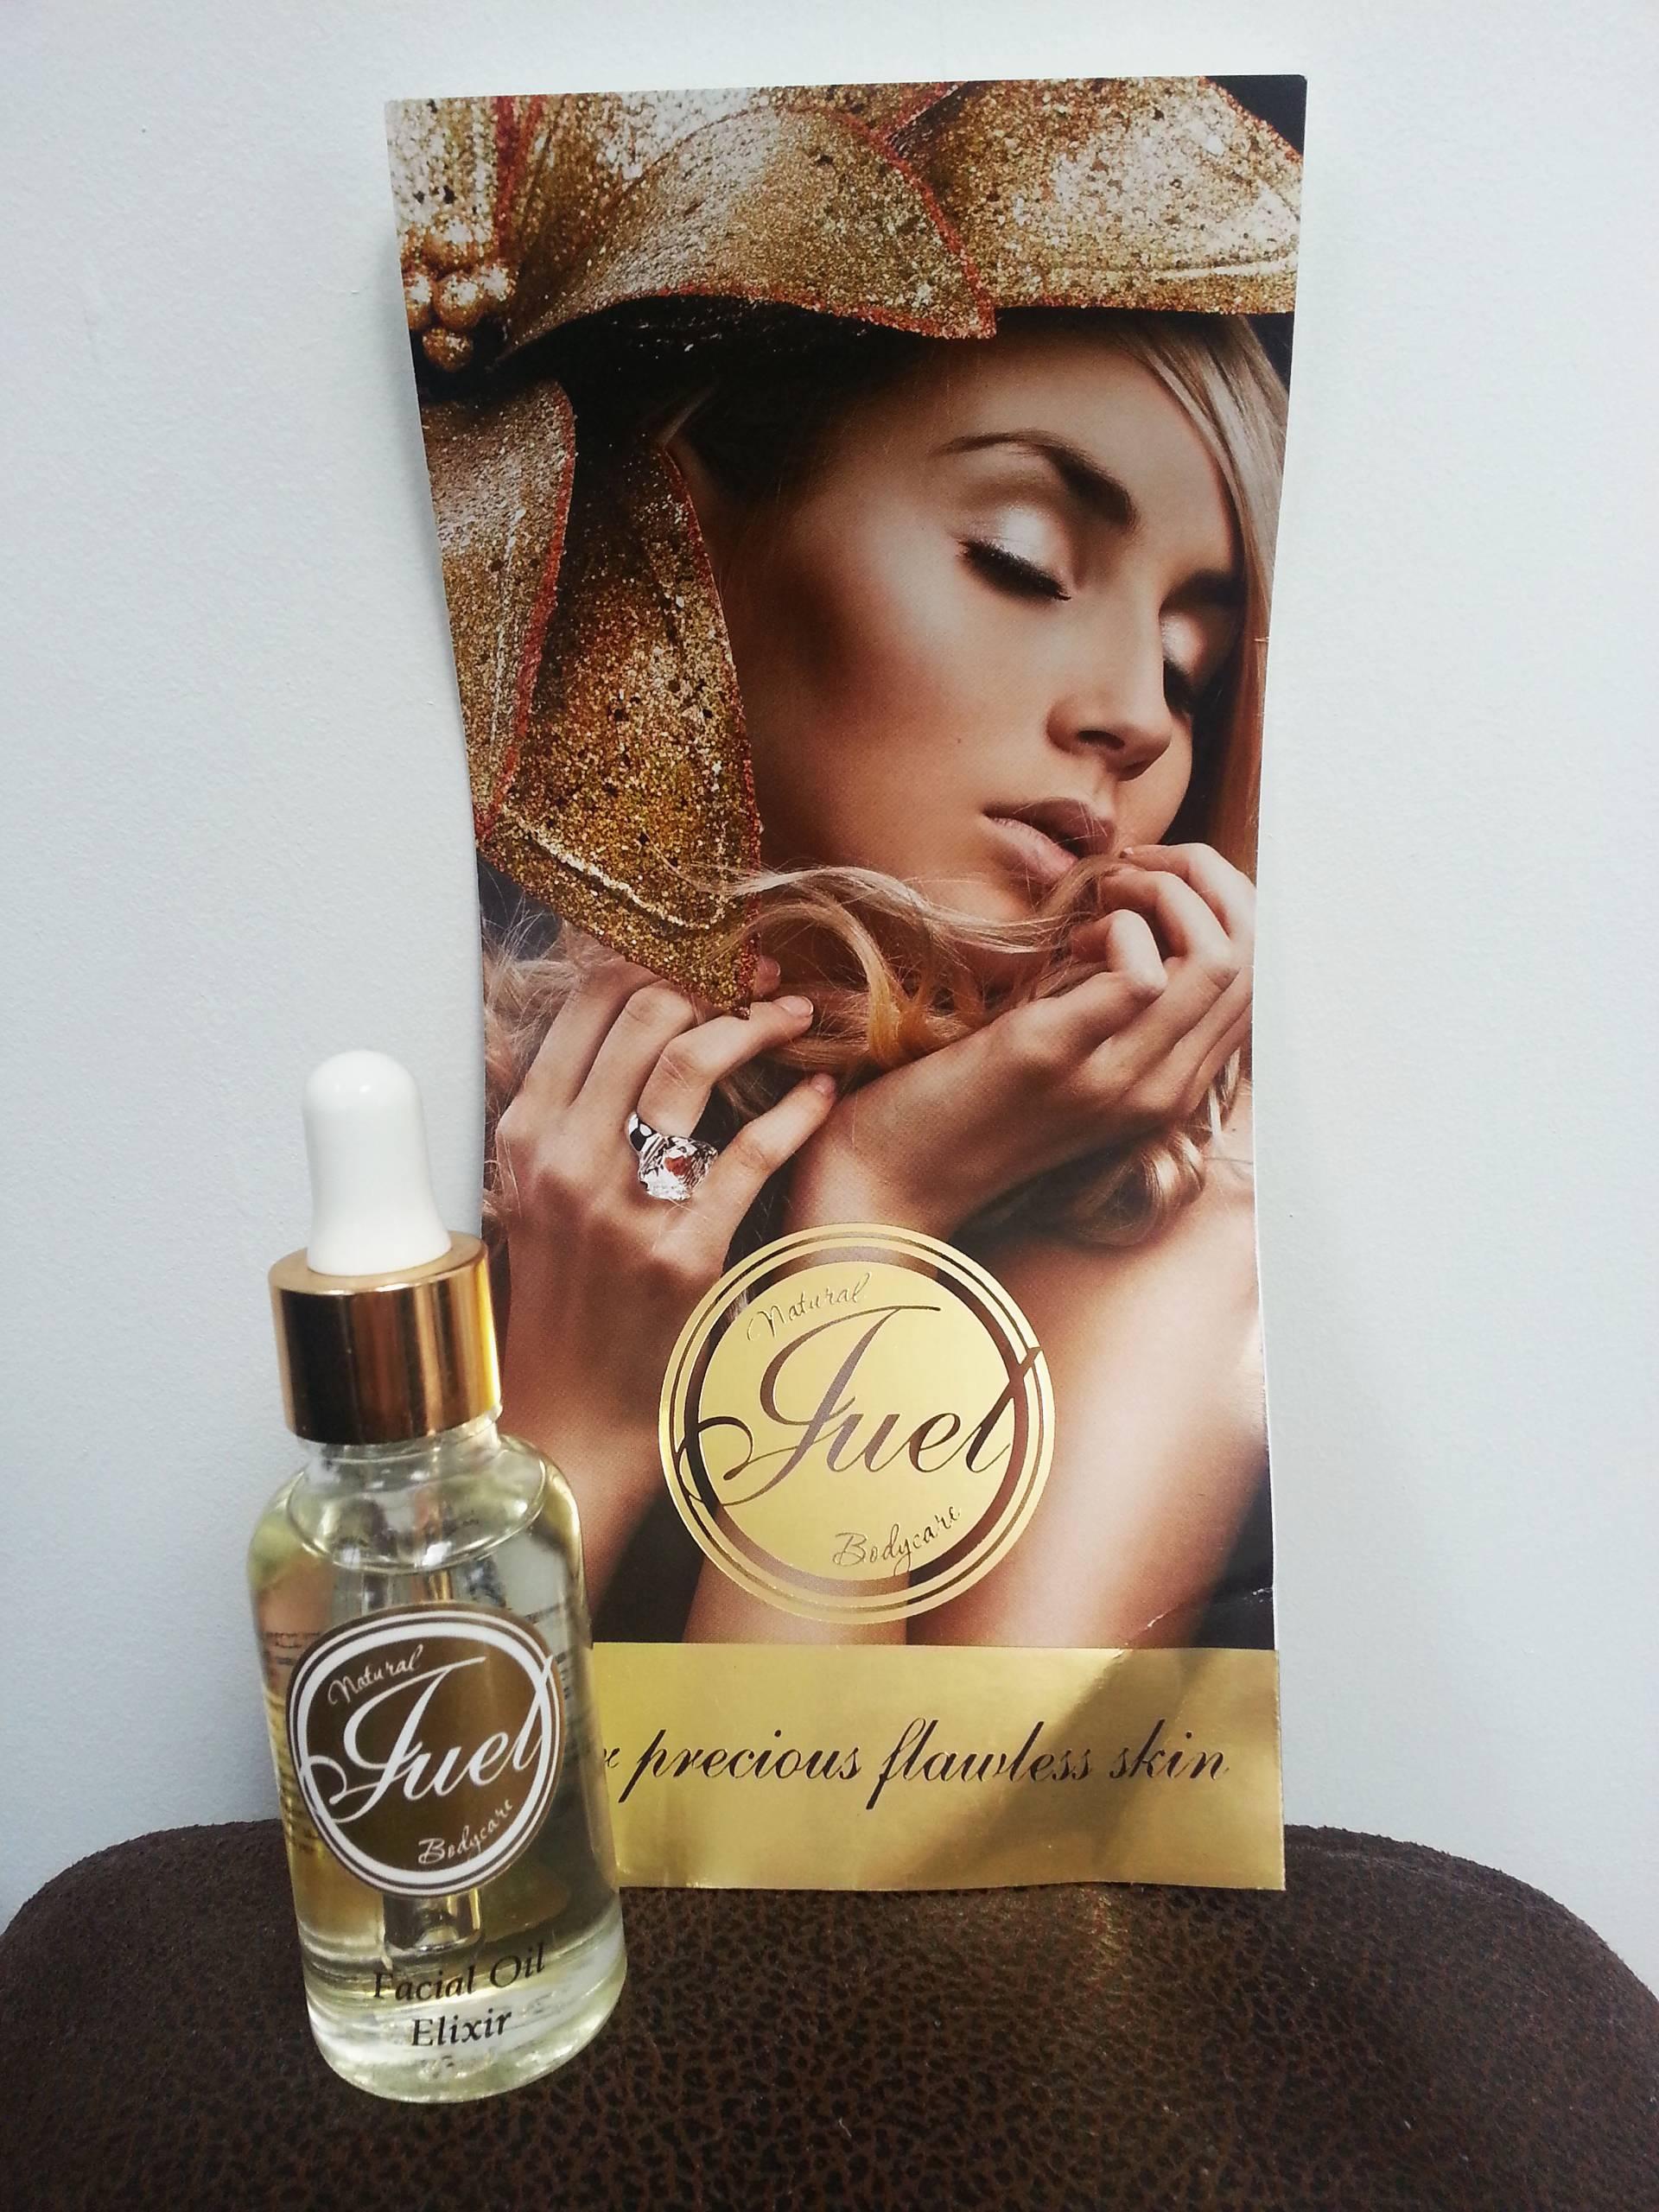 Juel Facial Oil Elixir